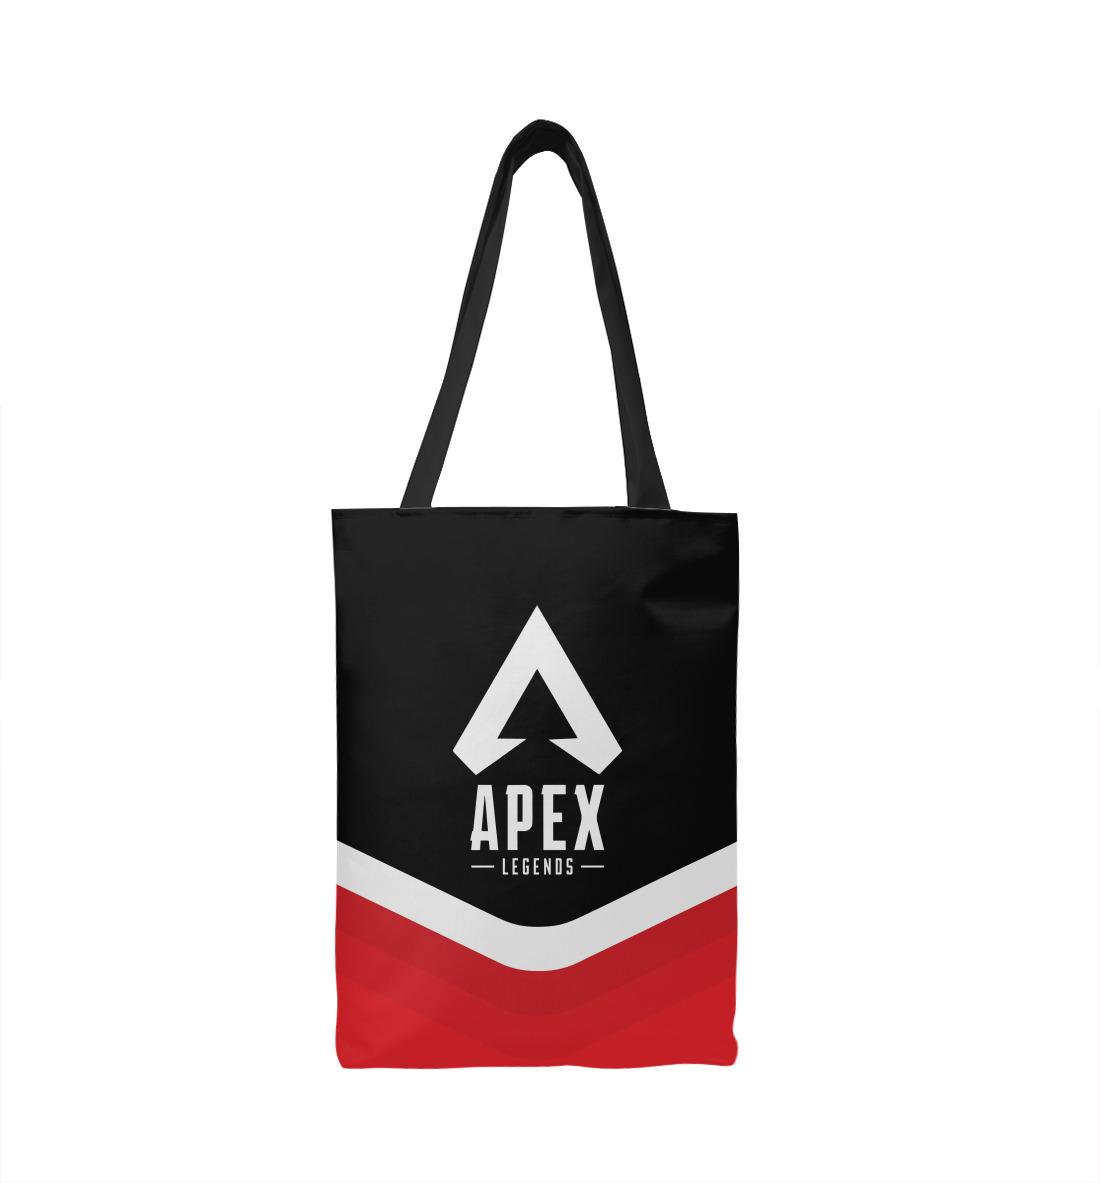 Apex Legends apex